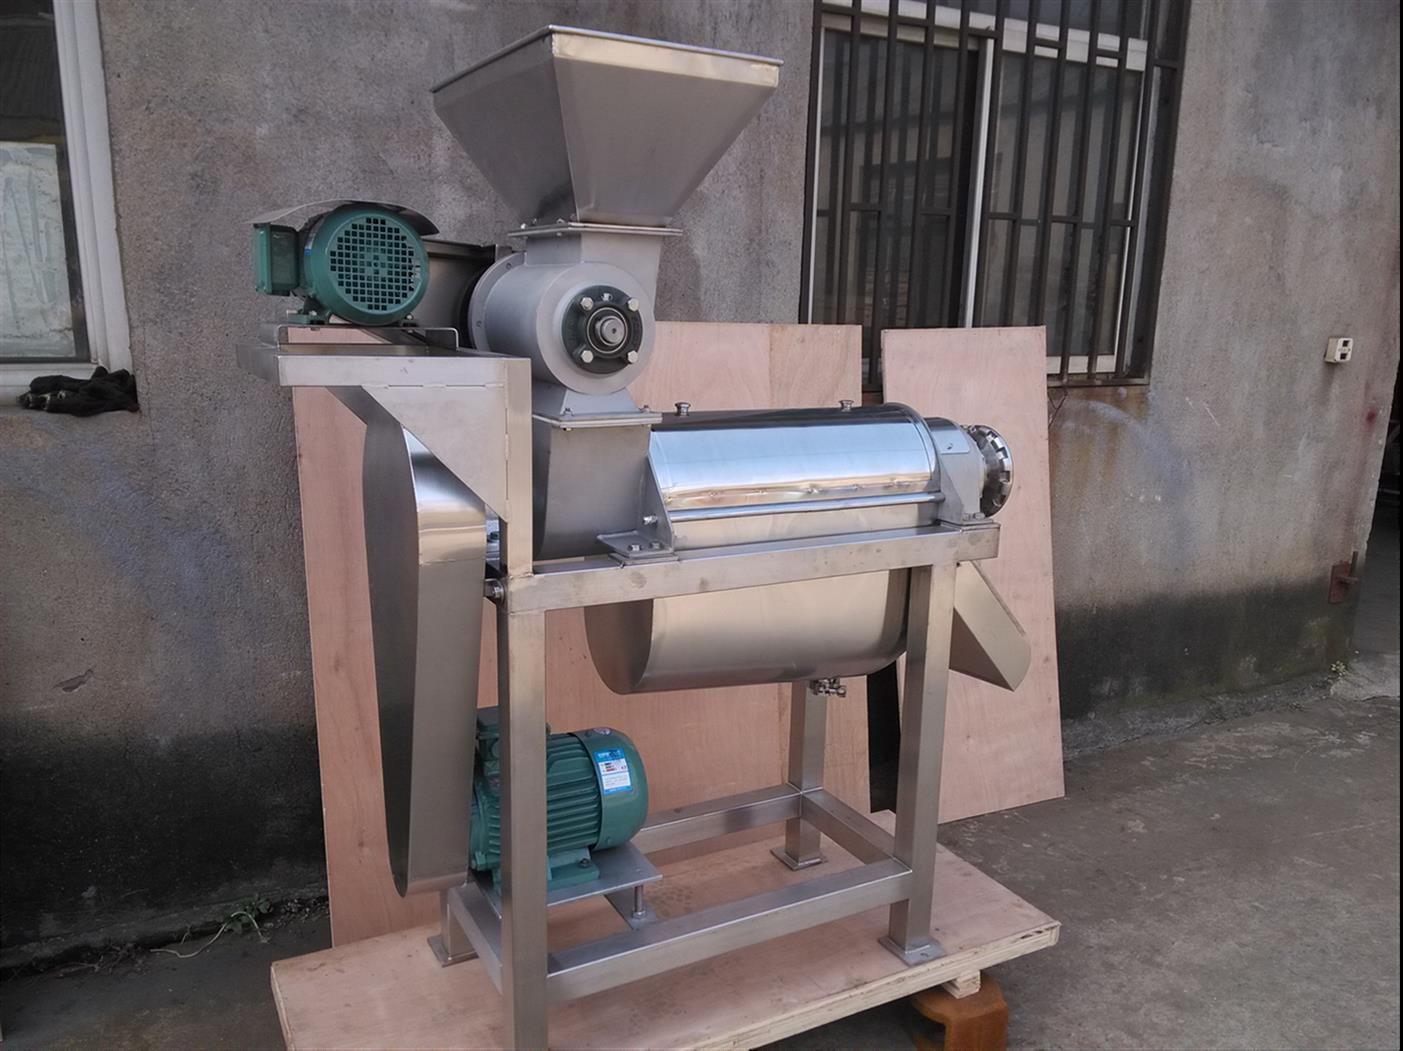 微时代榨汁机_天津破碎榨汁机 供货及时 数量充足